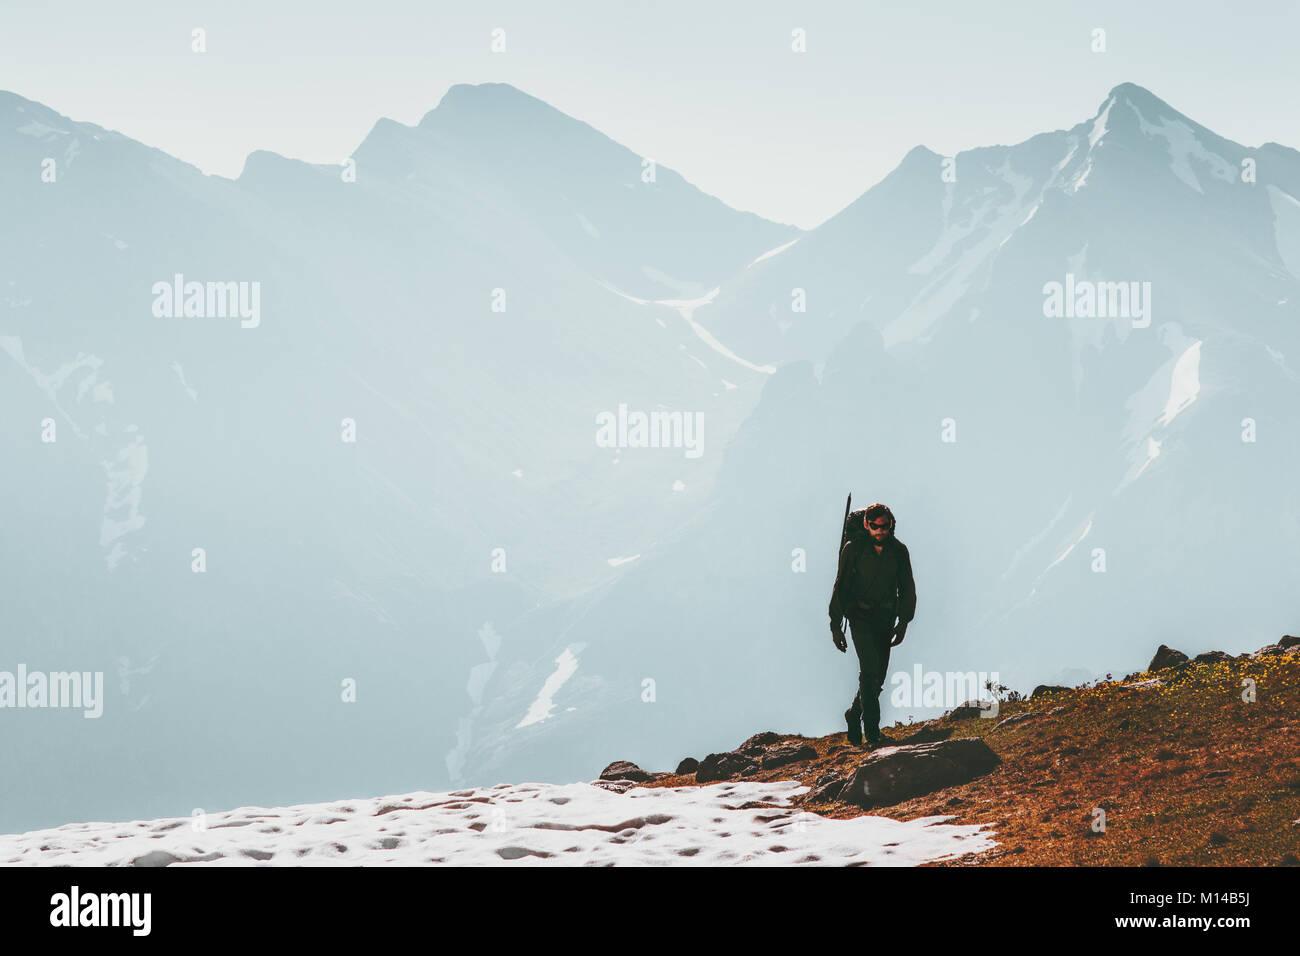 Hombre activo de senderismo solos en las montañas en el estilo de vida de supervivencia viajes concepto aventura Imagen De Stock